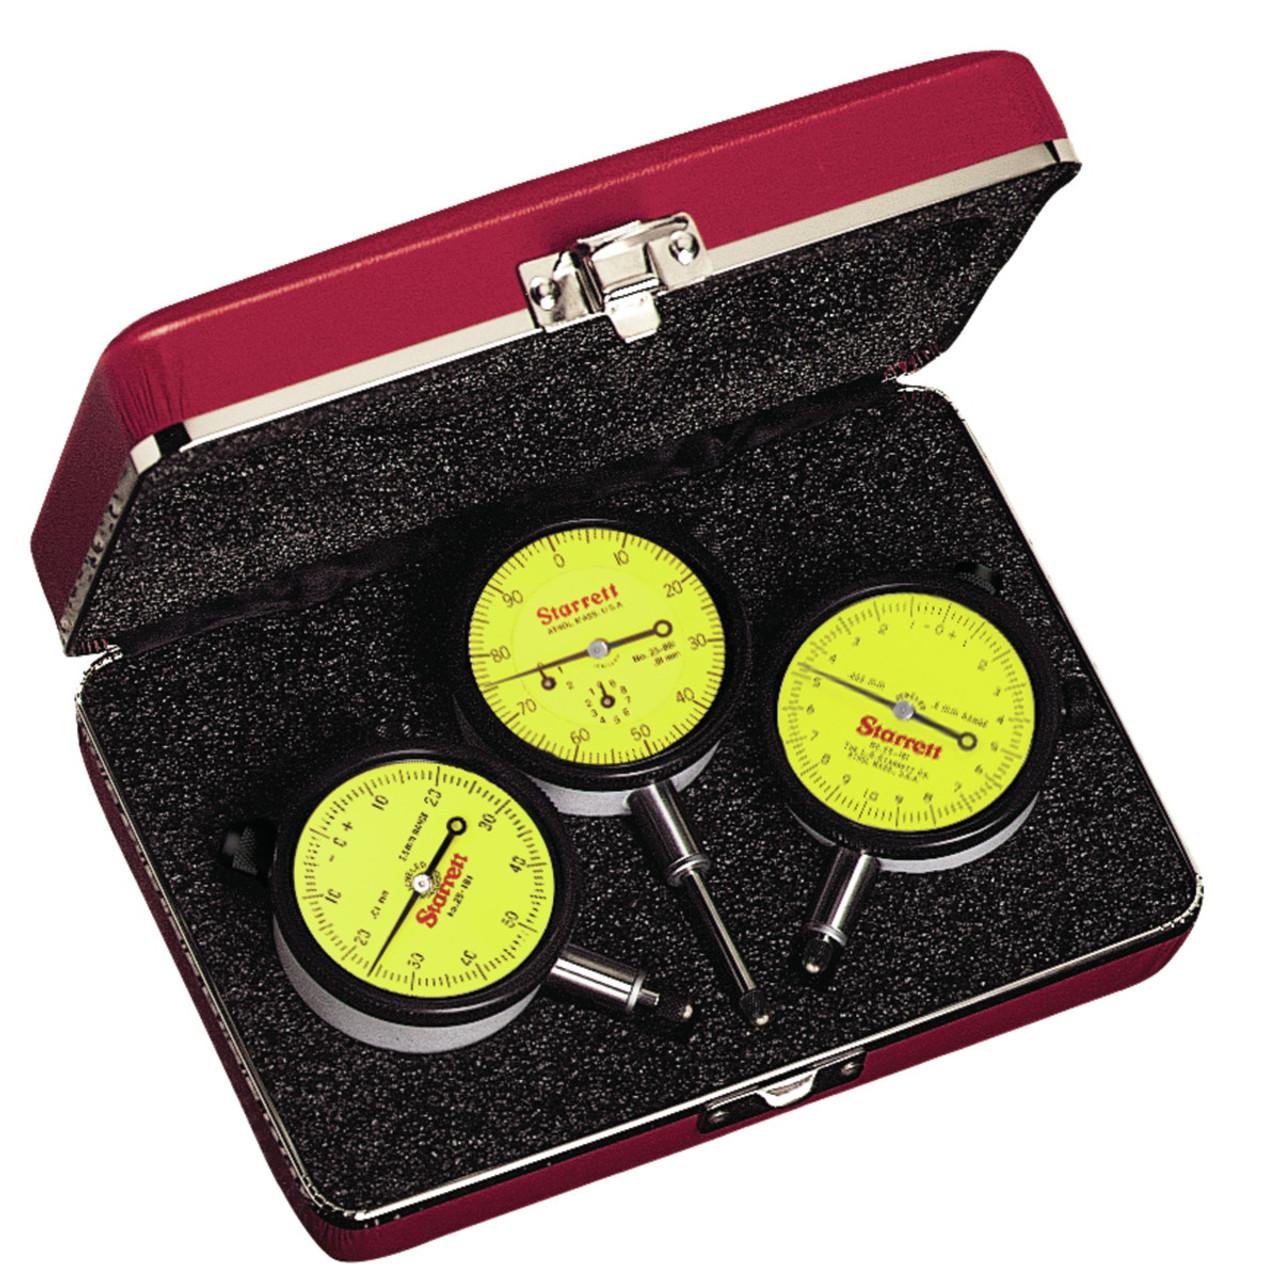 s253mz edp 56283 set of 3 metric dial indicators mercado regal [ 1200 x 1200 Pixel ]